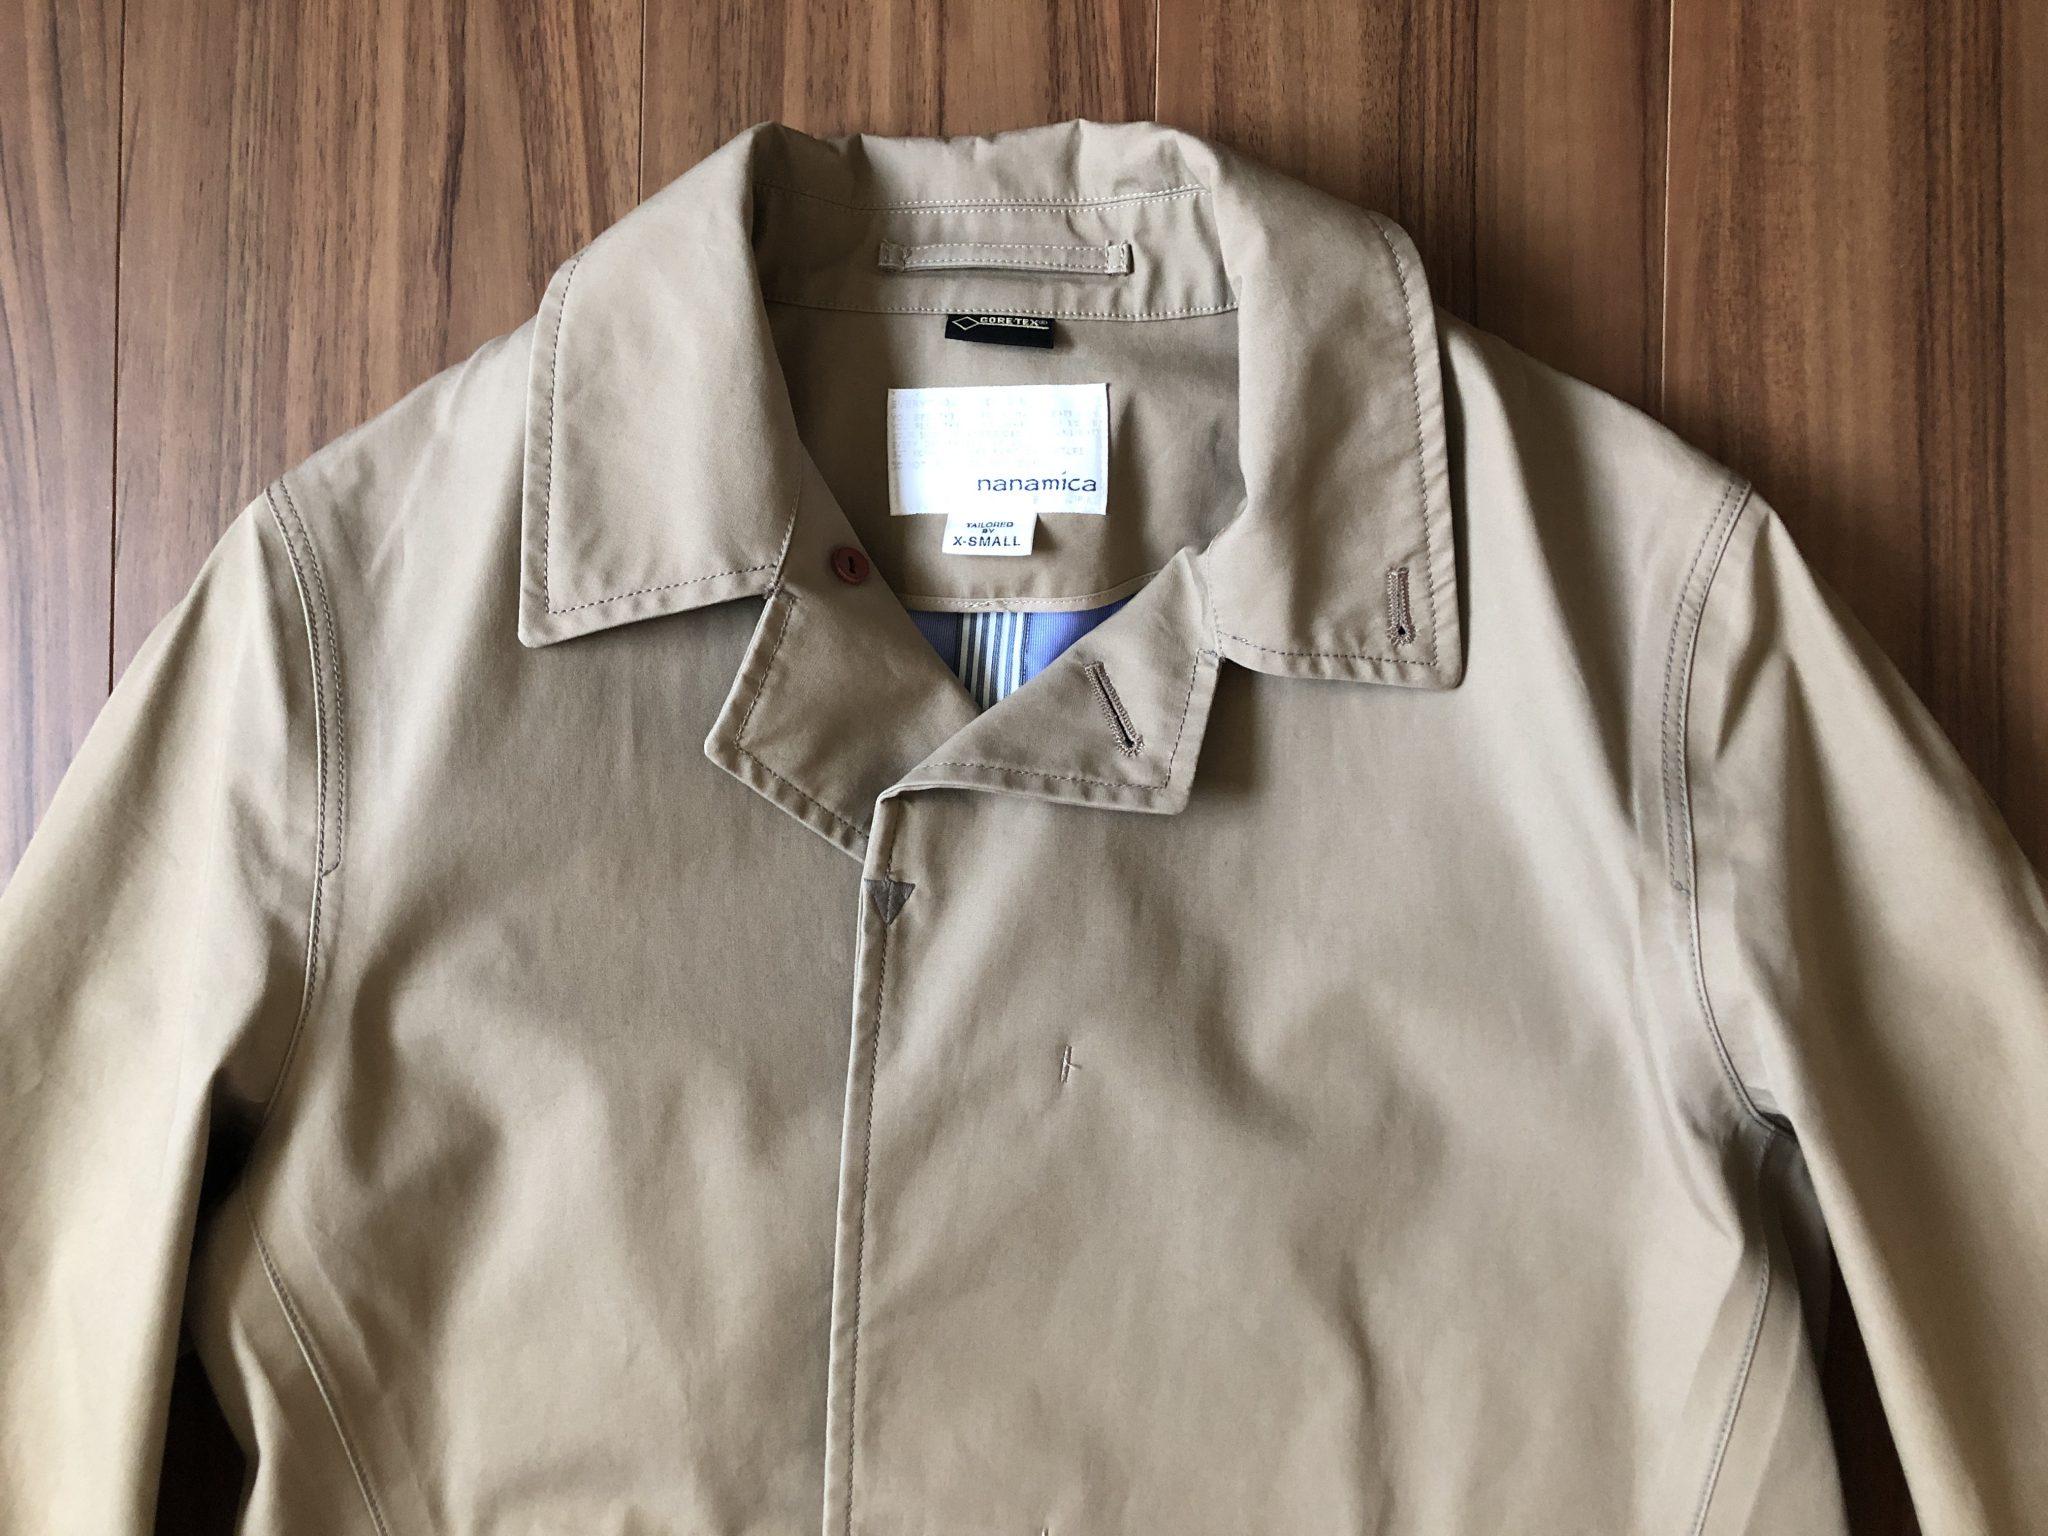 ナナミカ ゴアテックス ステンカラーコート nanamica GORE-TEX Soutien Collar Coat ベージュ 購入当初 襟元